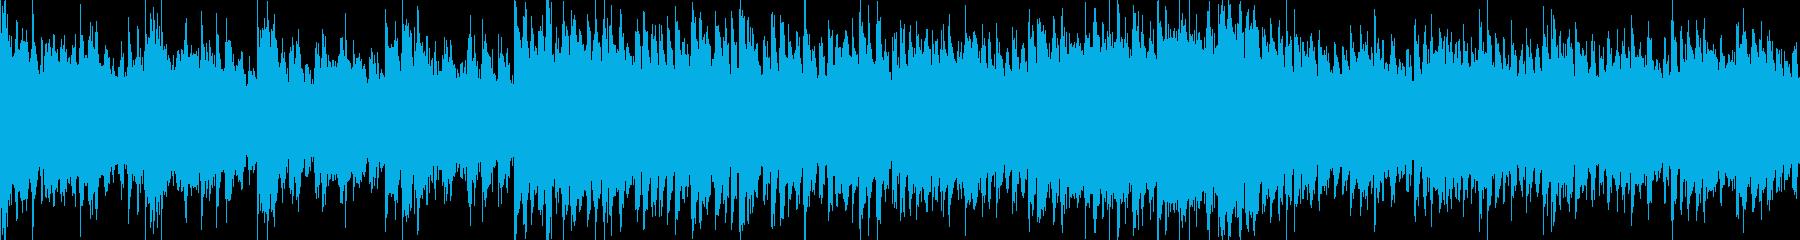 謎めいた雰囲気のミステリー系BGMの再生済みの波形